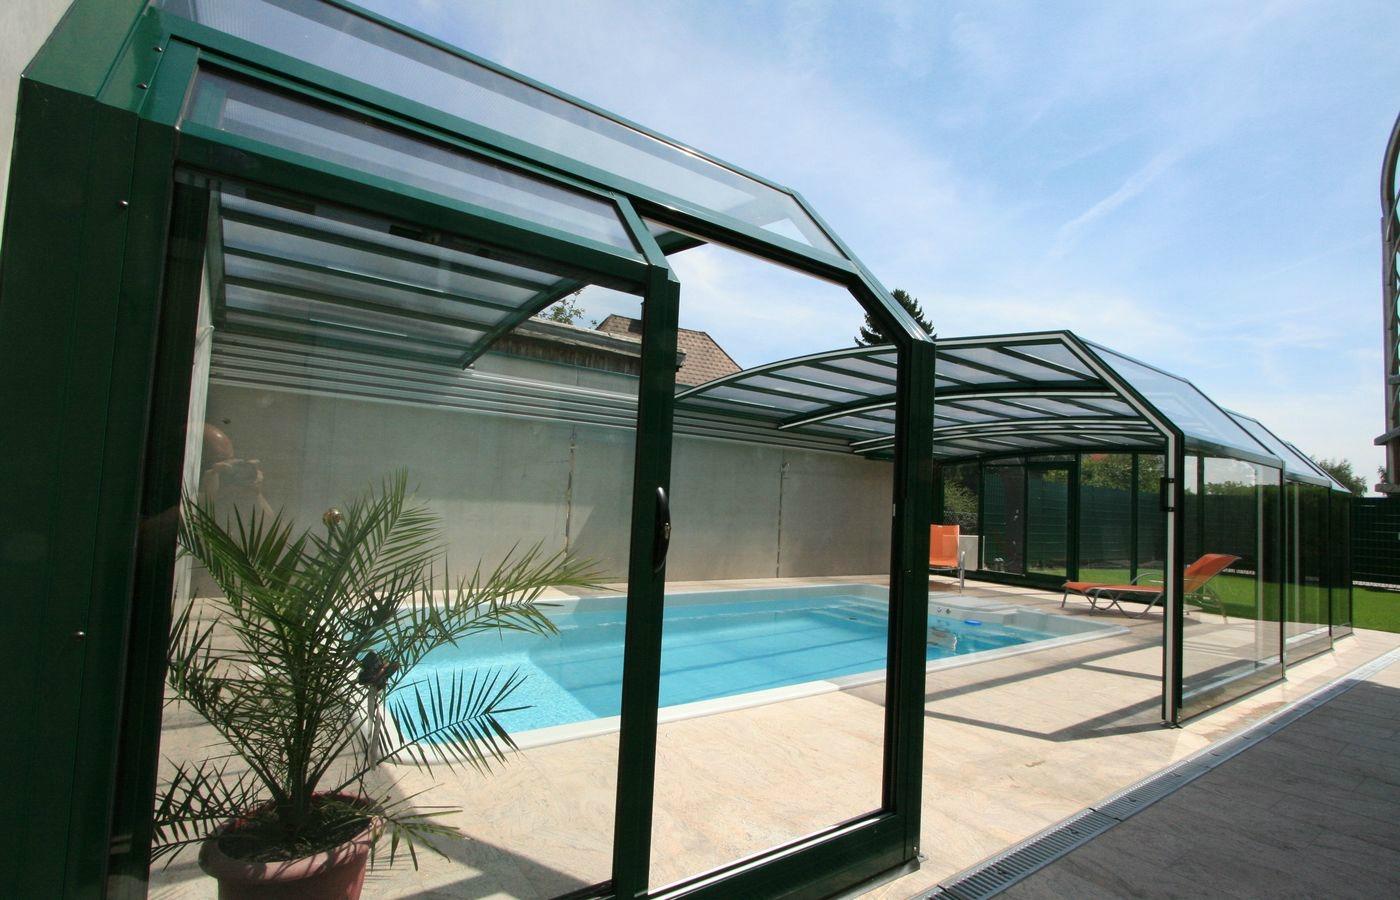 Fabricante de cobertura retr til telesc pica para piscinas e varandas - Fabricante de piscinas ...